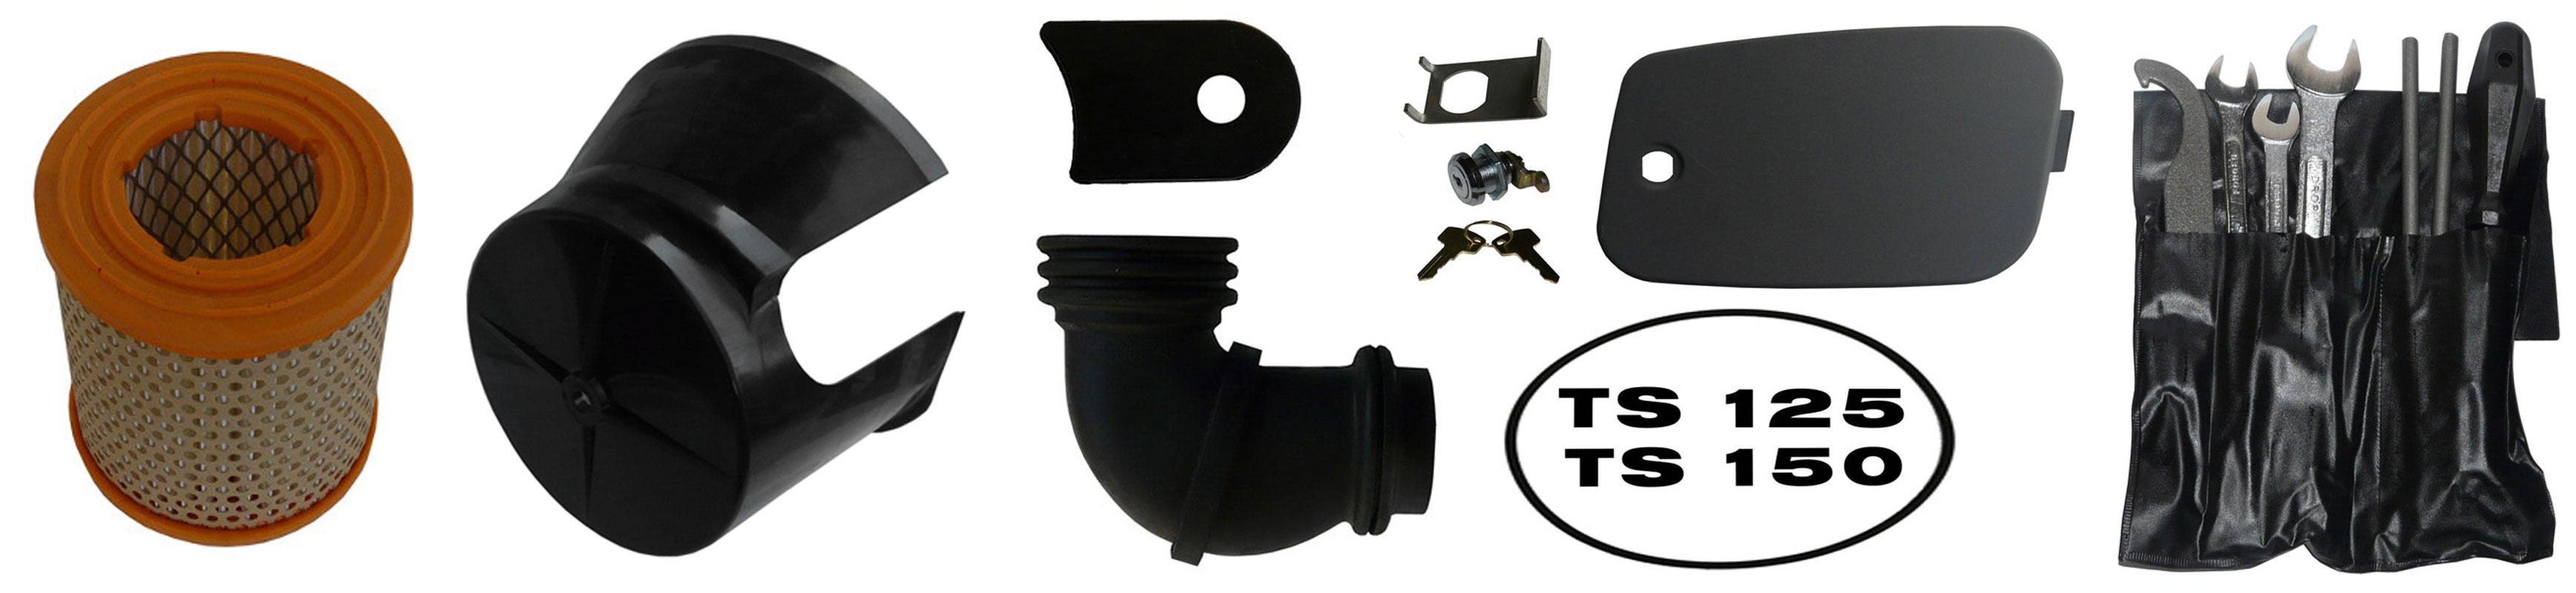 MZ TS 125 MZ TS 150 Ersatzteile Verkleidung Luftfilter